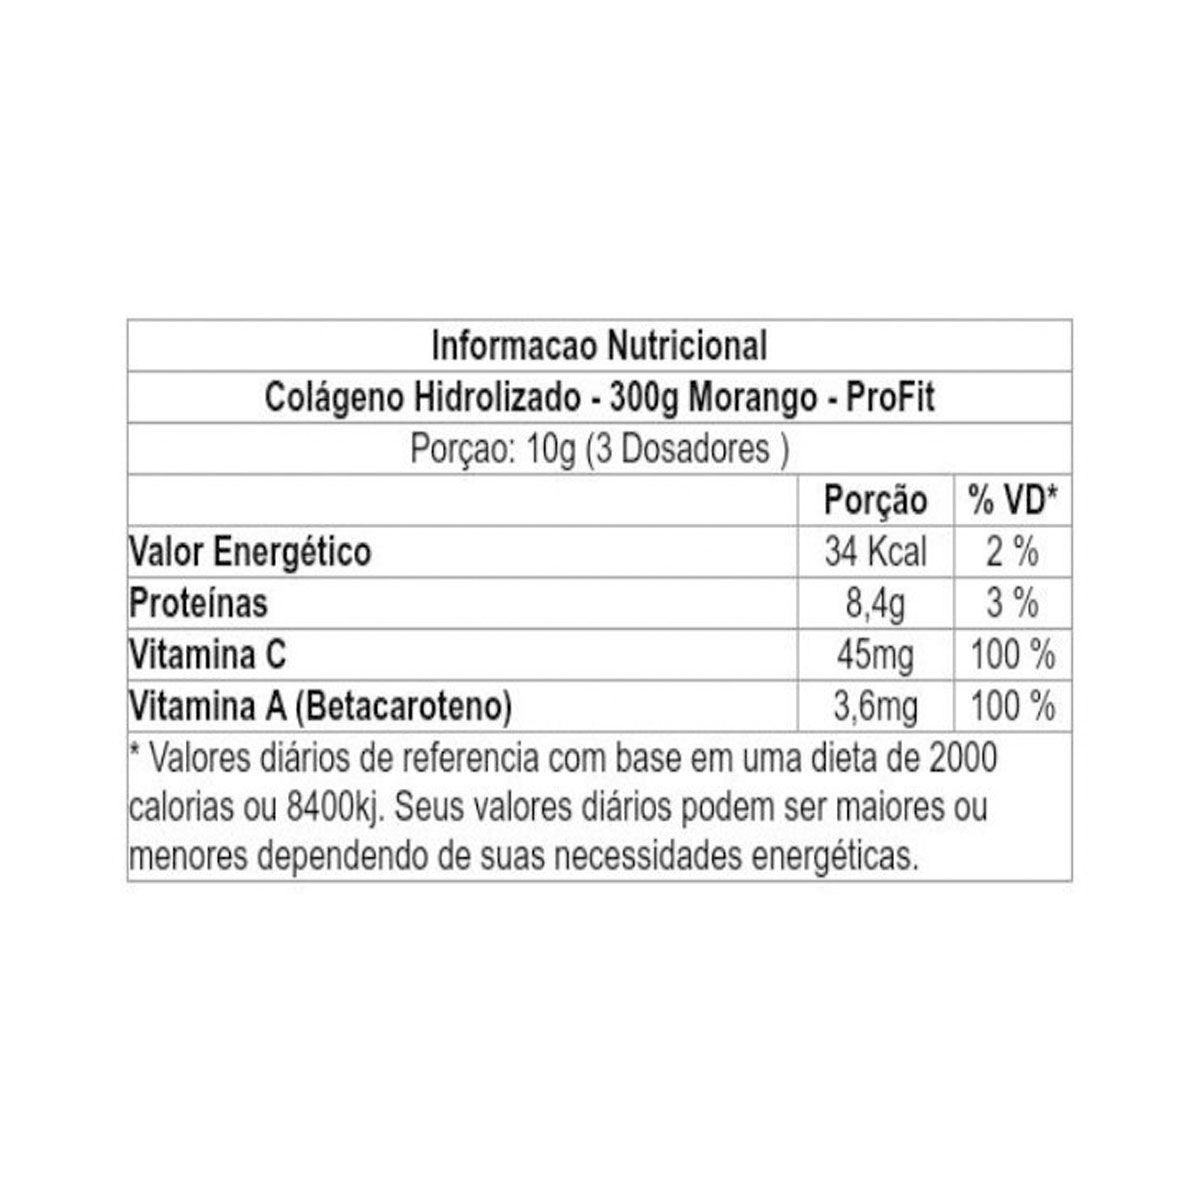 Colageno Hidrolizado 300g - Profit